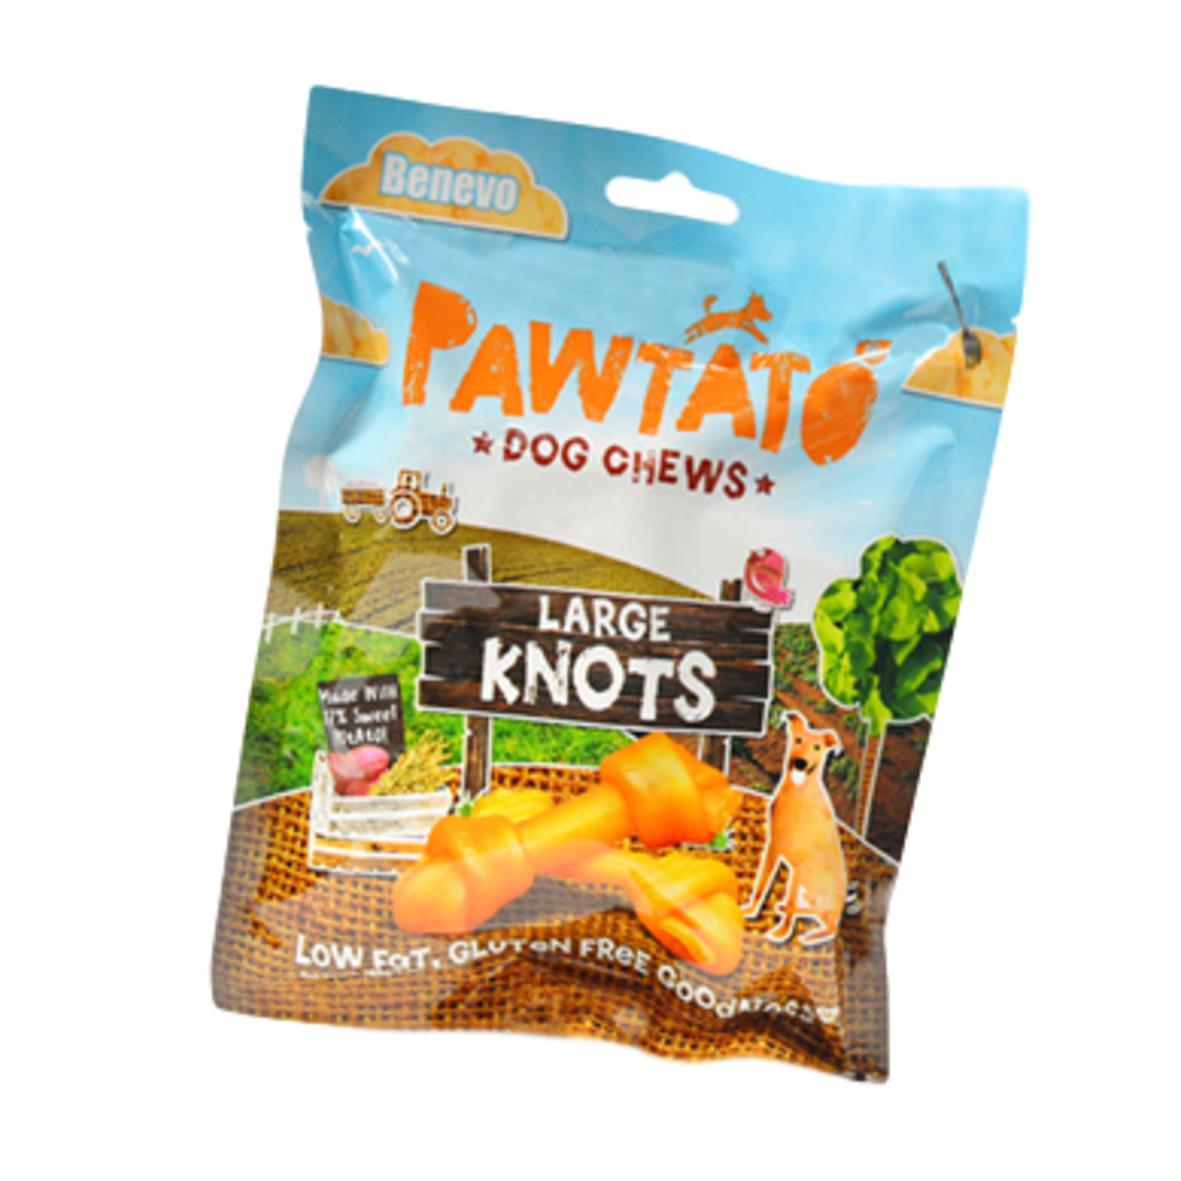 Pawtato Large Knots 180gm (Wheat Gluten Free)